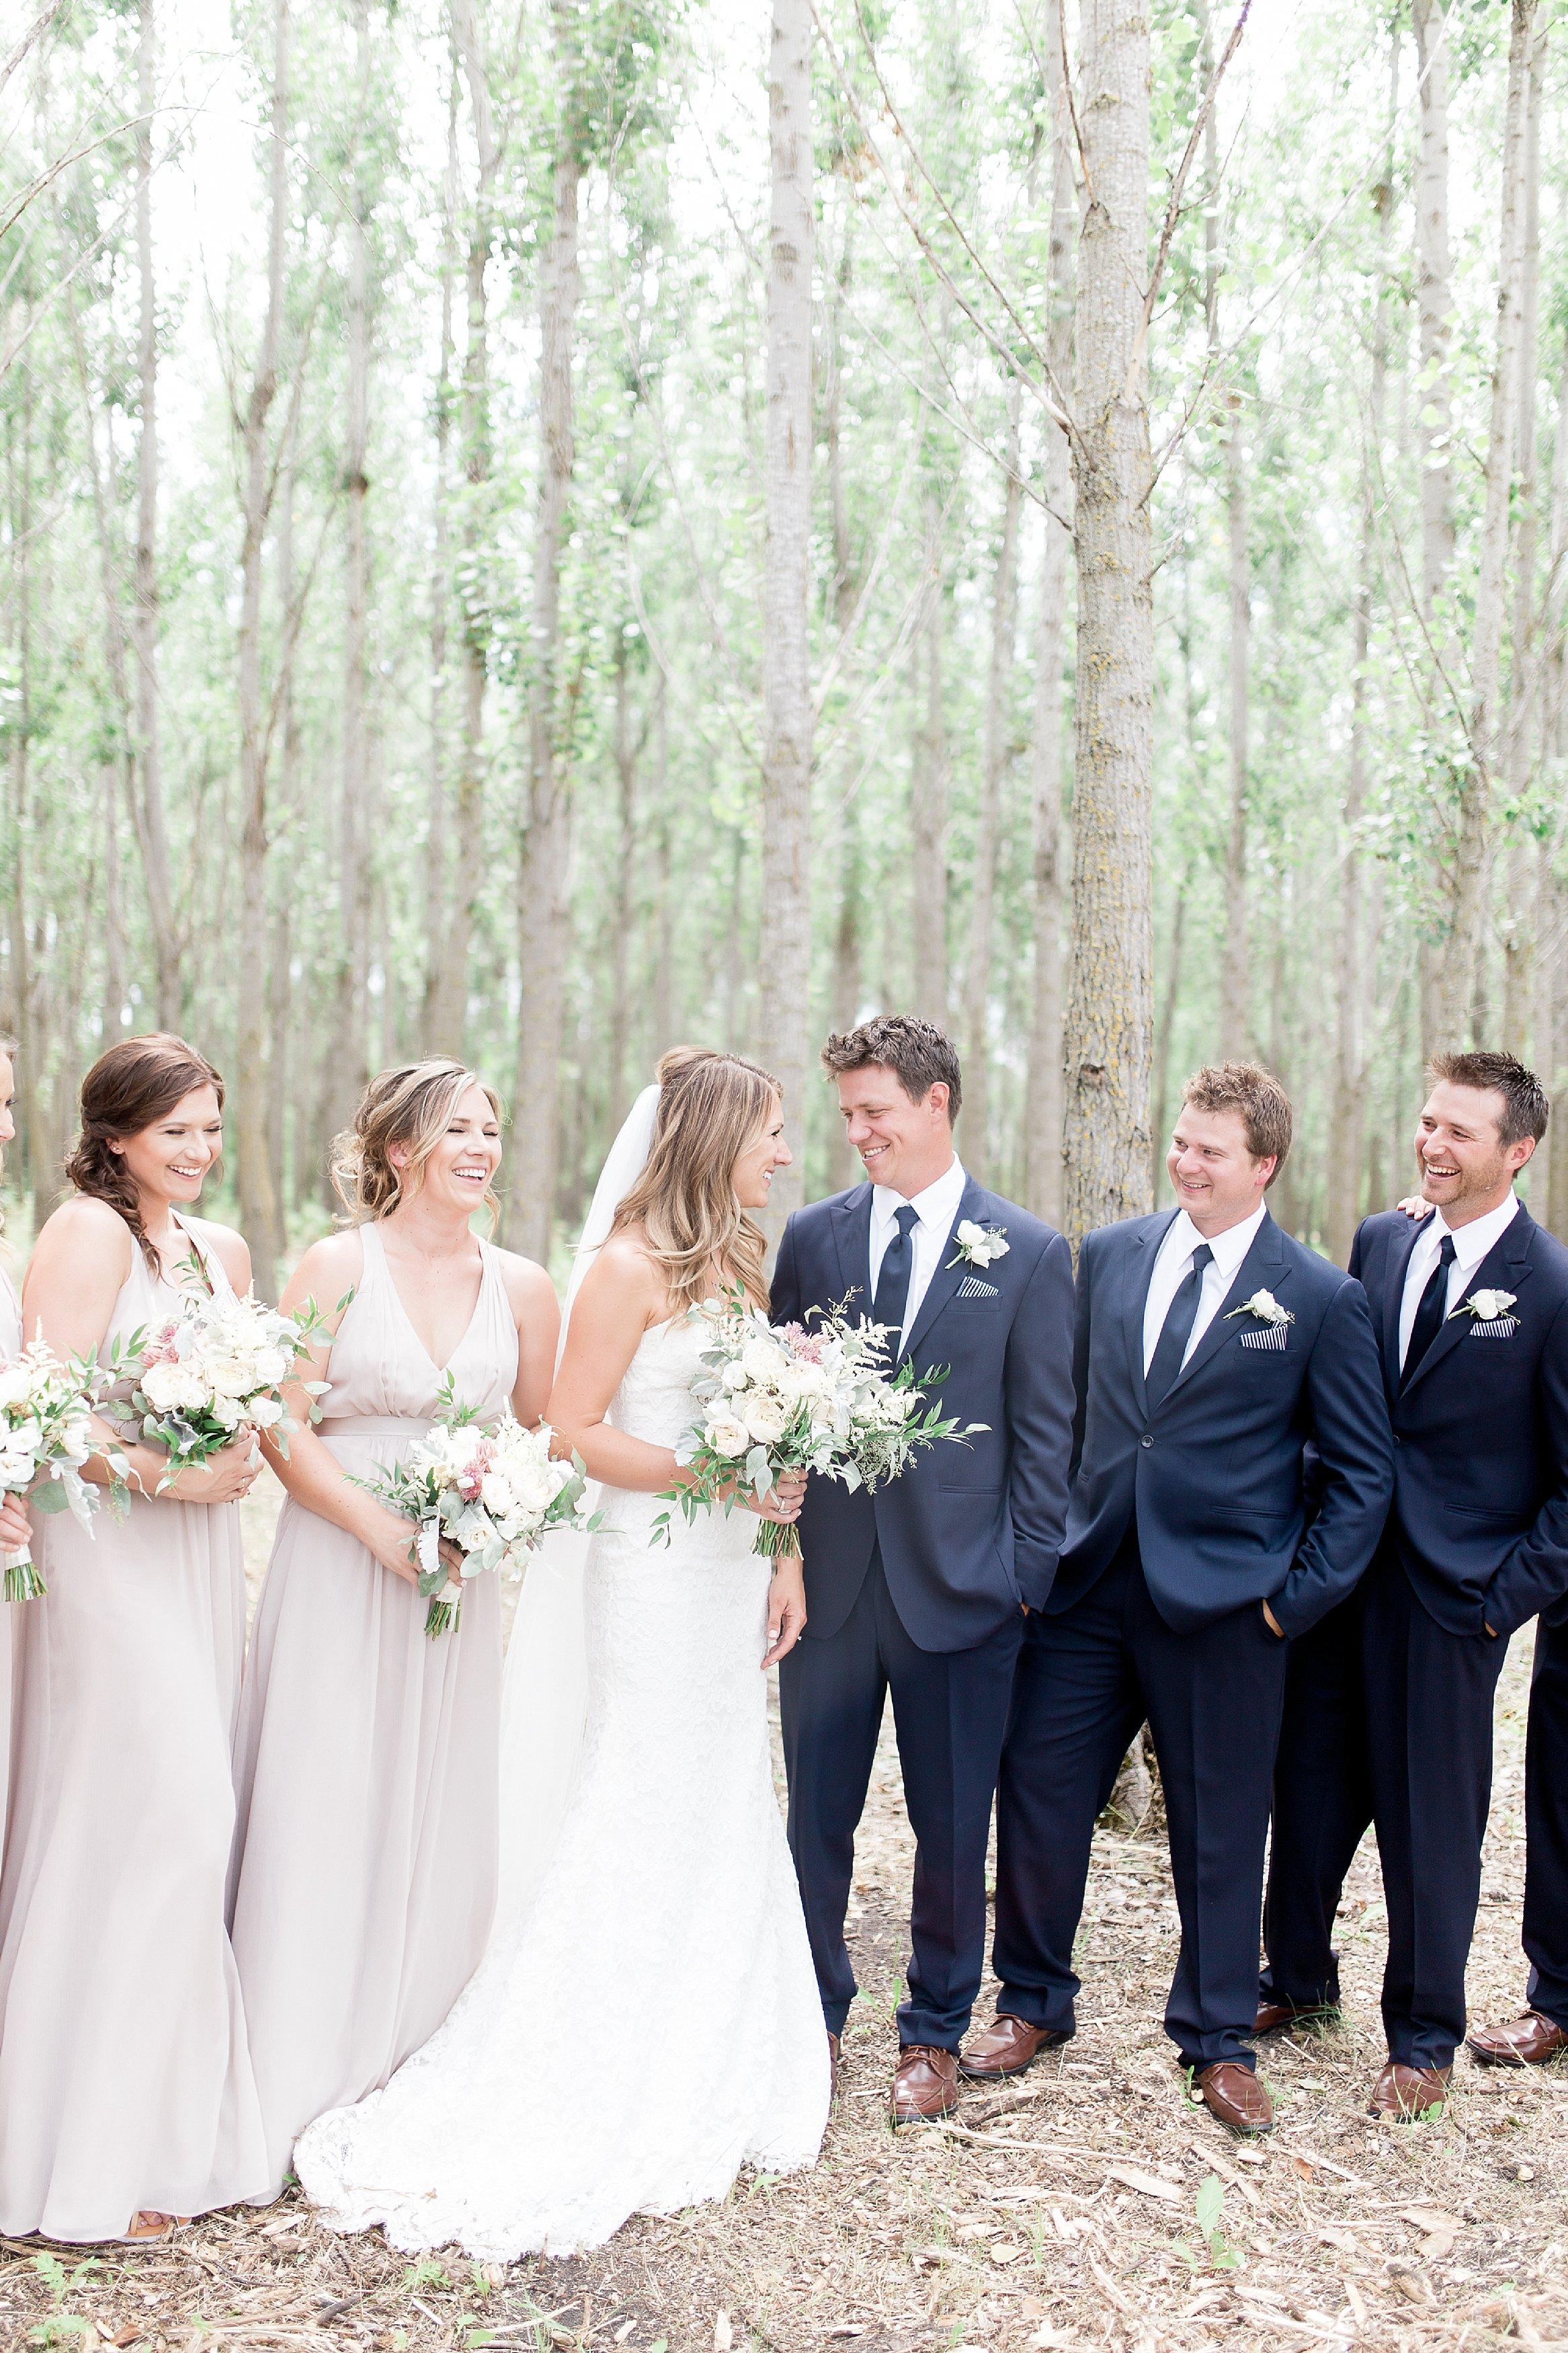 Vancouver Wedding Photographer Keila Marie Photography   Bridal party photos  Garden inspired wedding